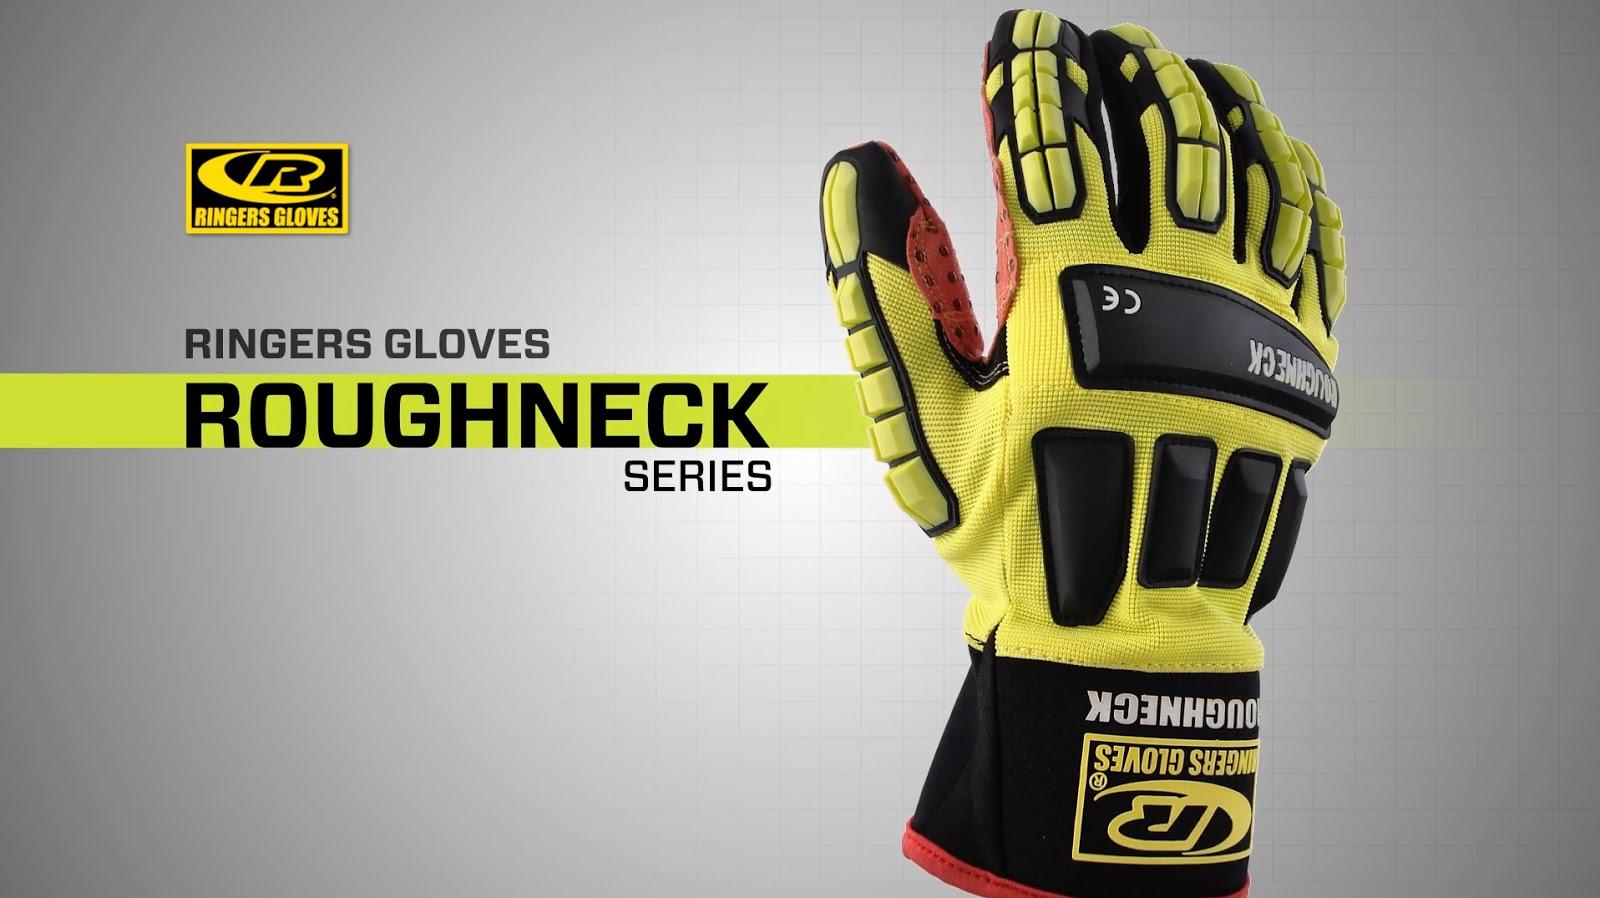 Ringers Gloves Video